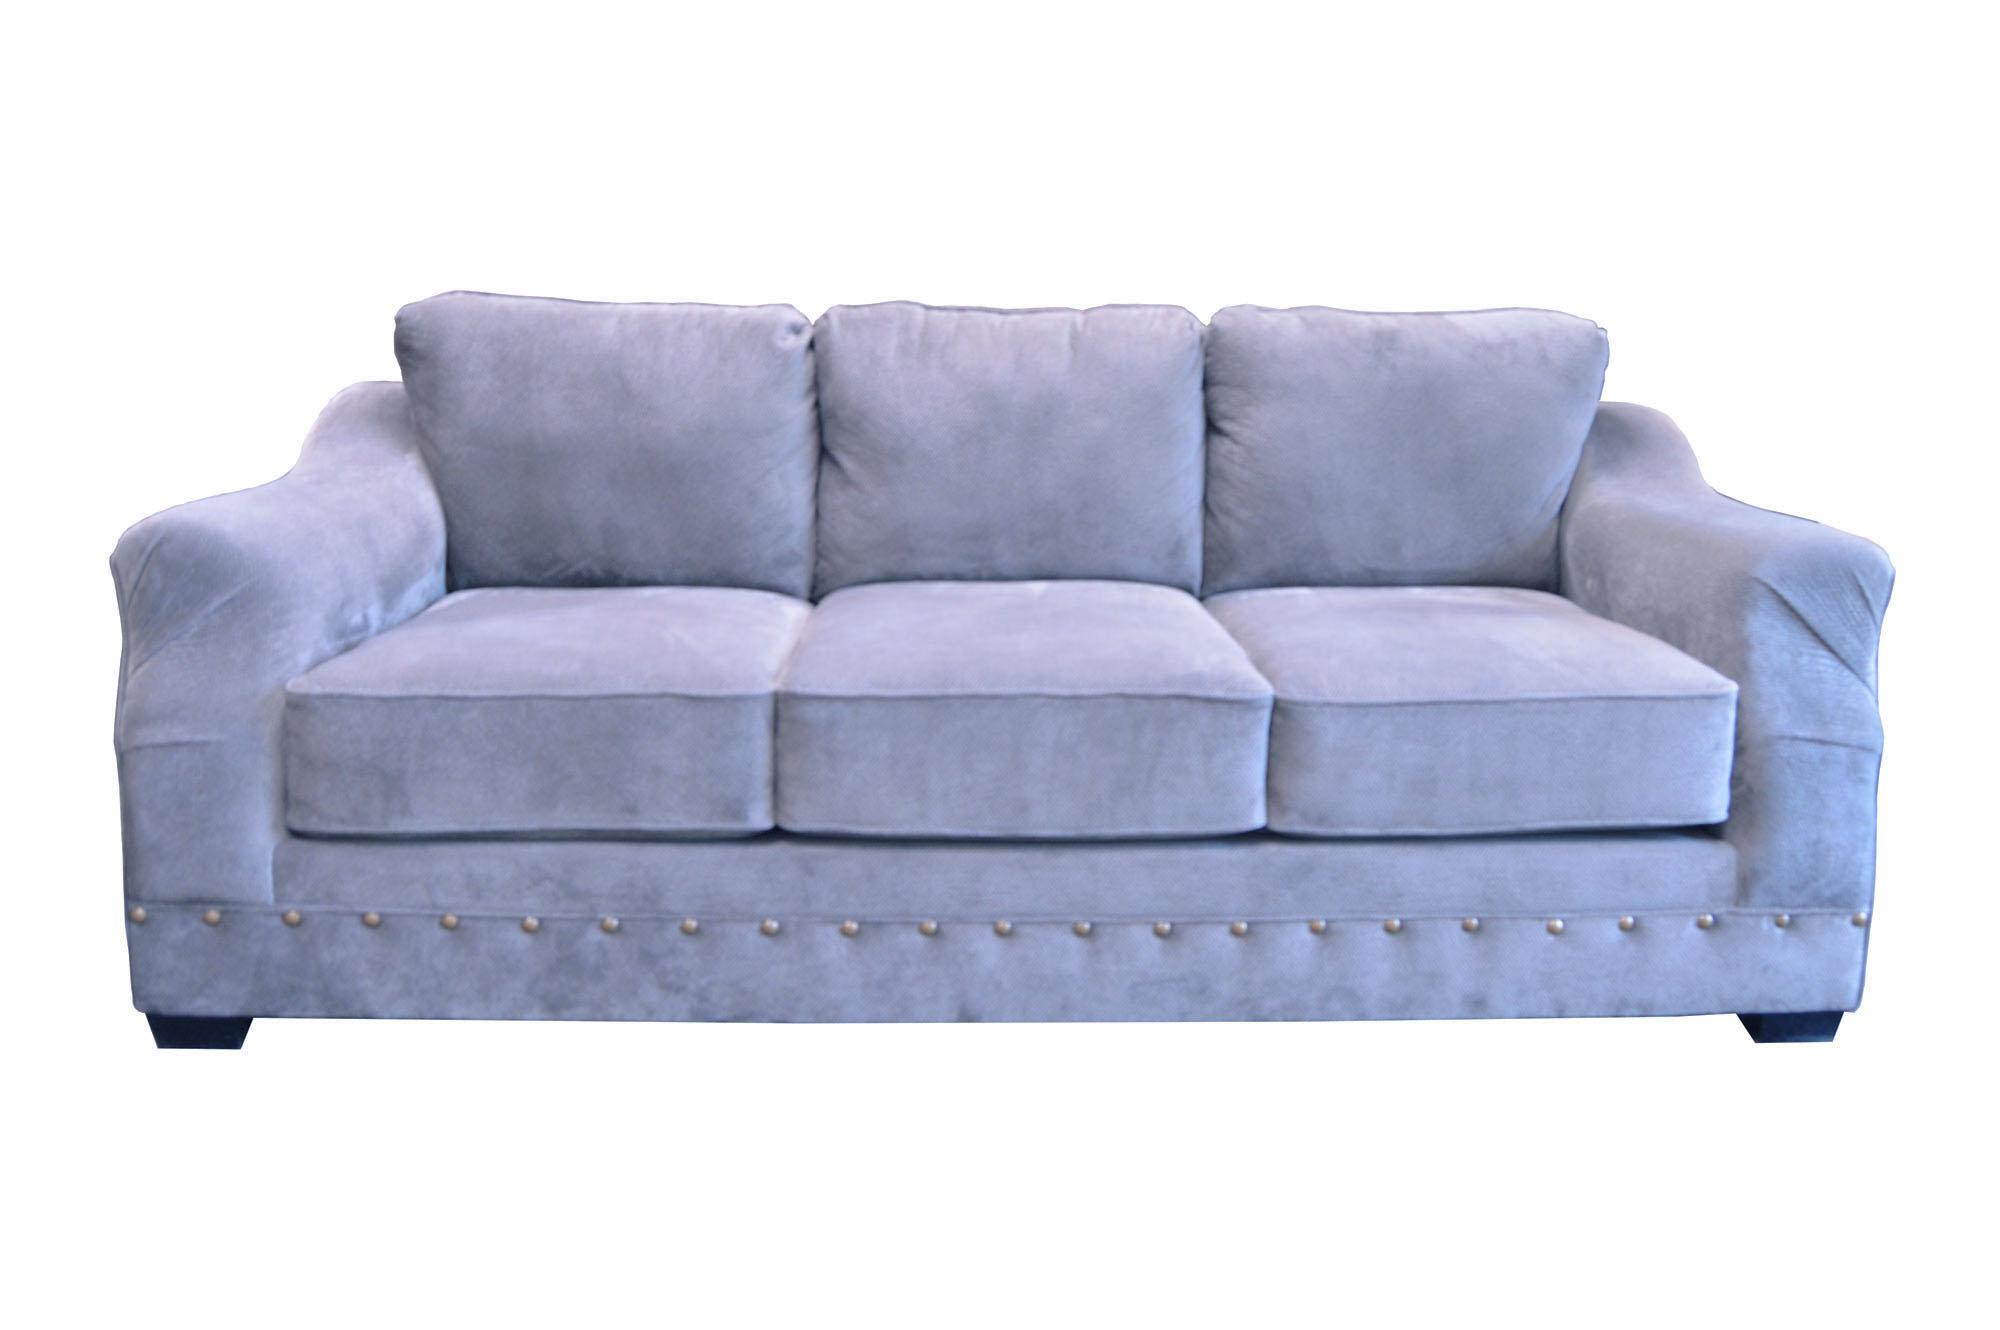 Sofa Sets & Sectional Sofas Custom Sofas 4 Less